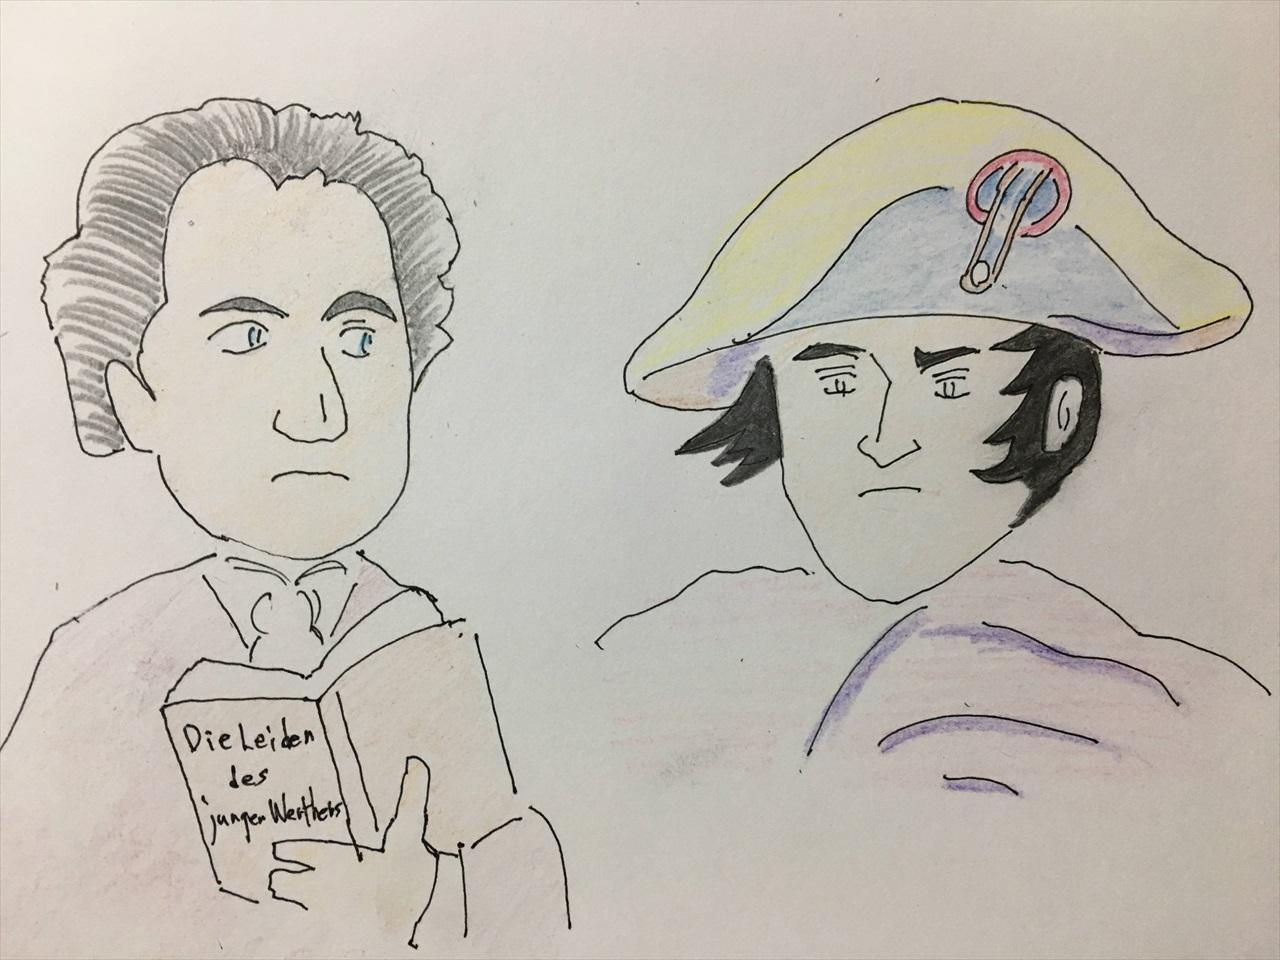 文豪ゲーテと覇者ナポレオン